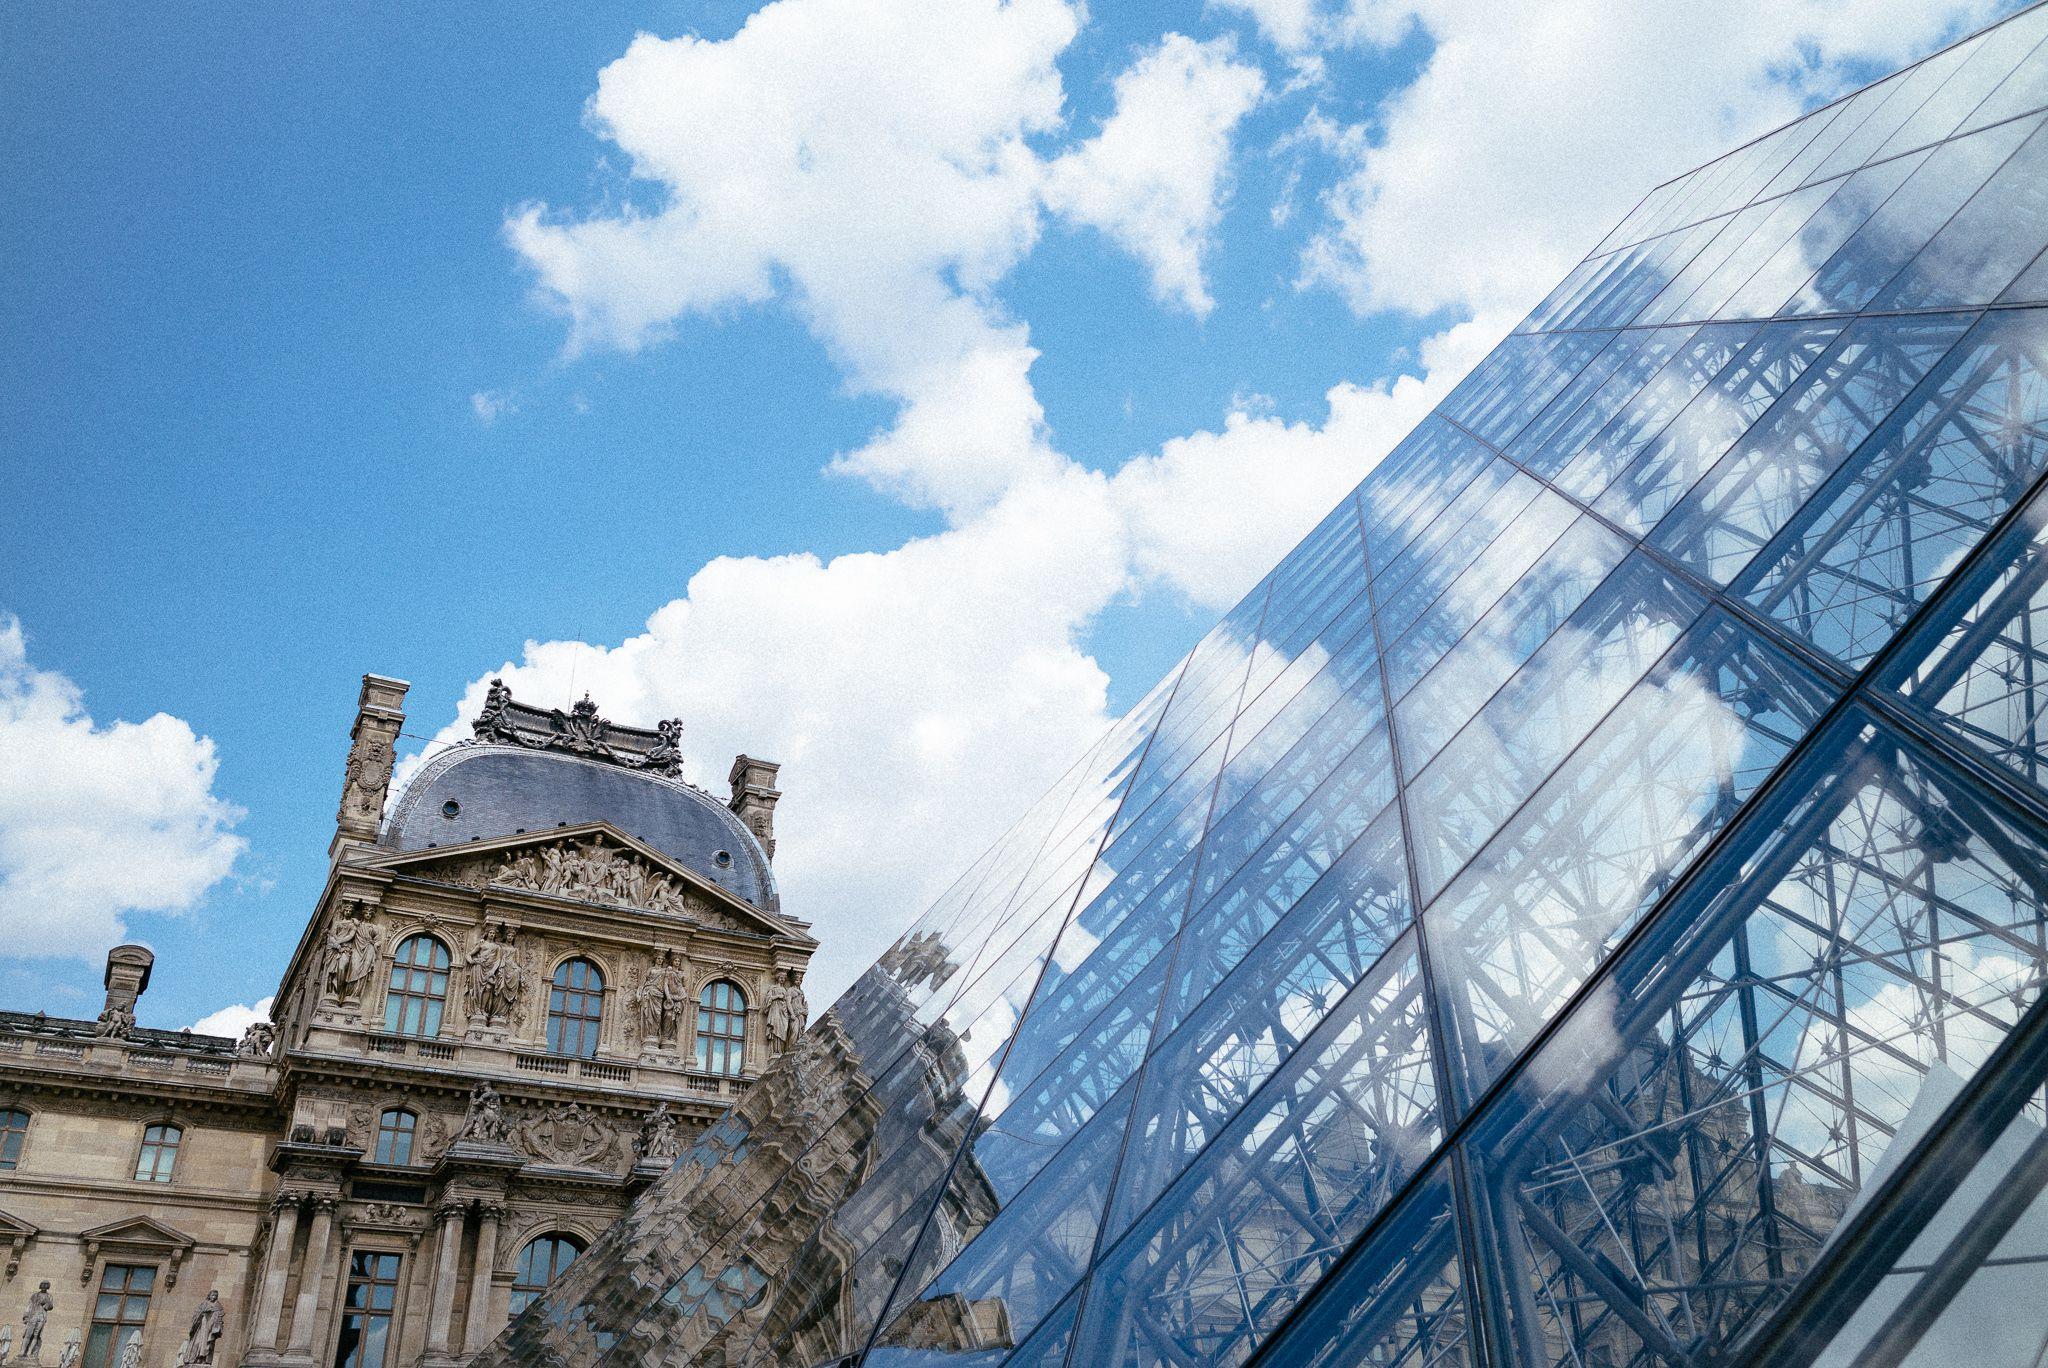 france_paris_versailles_louvre_landscape_pyramid_28mm_elmarit